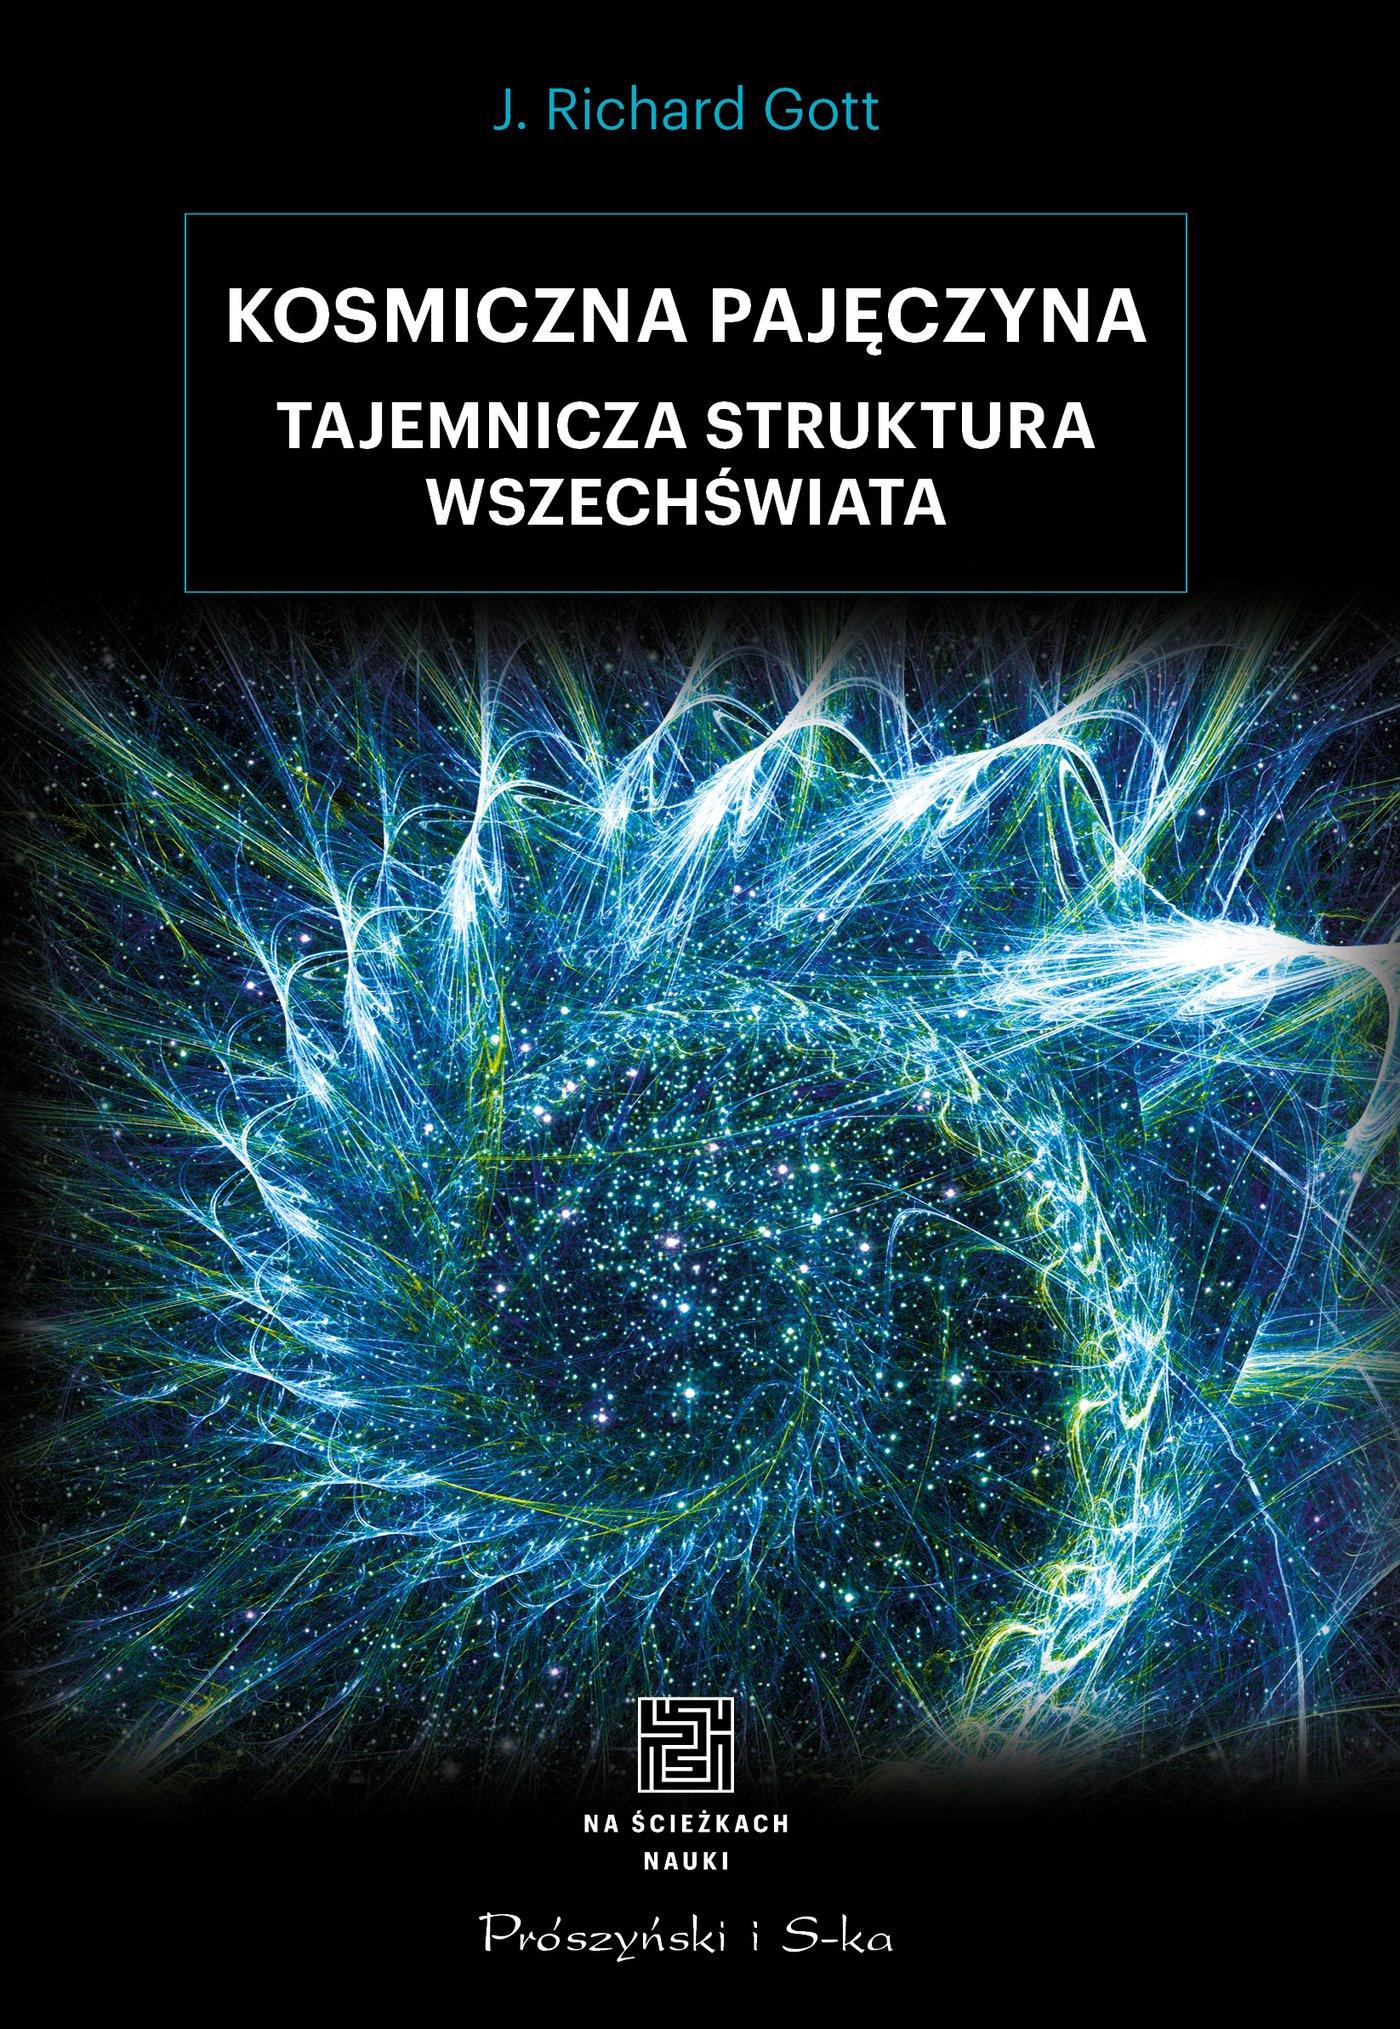 Kosmiczna pajęczyna. Tajemnicza struktura Wszechświata - Ebook (Książka na Kindle) do pobrania w formacie MOBI